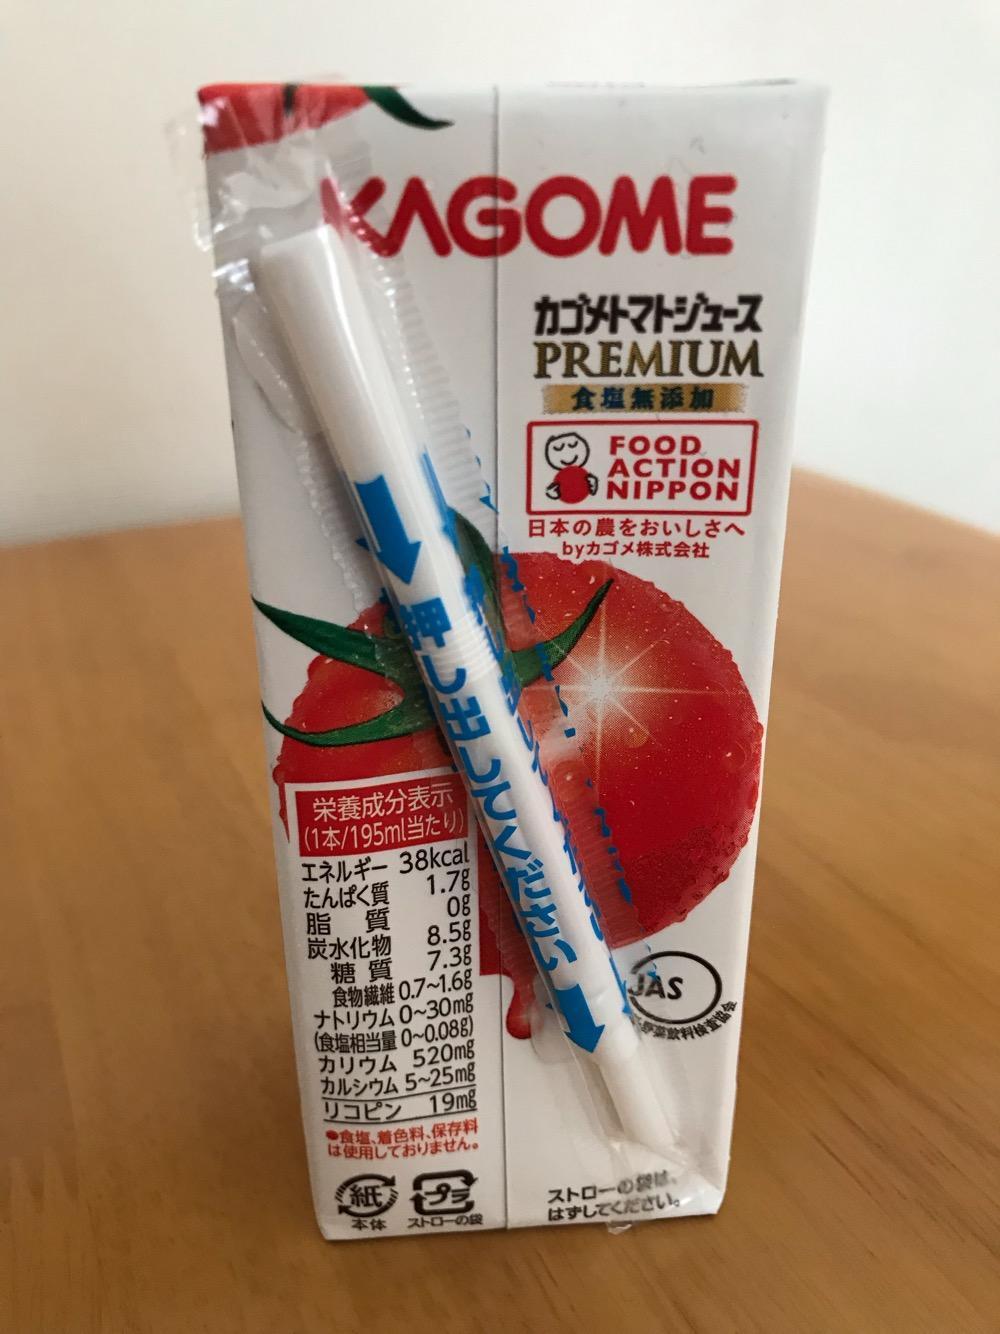 カゴメトマトジュース プレミアム 食塩無添加 2019 数量限定(裏面-栄養成分、ストロー)